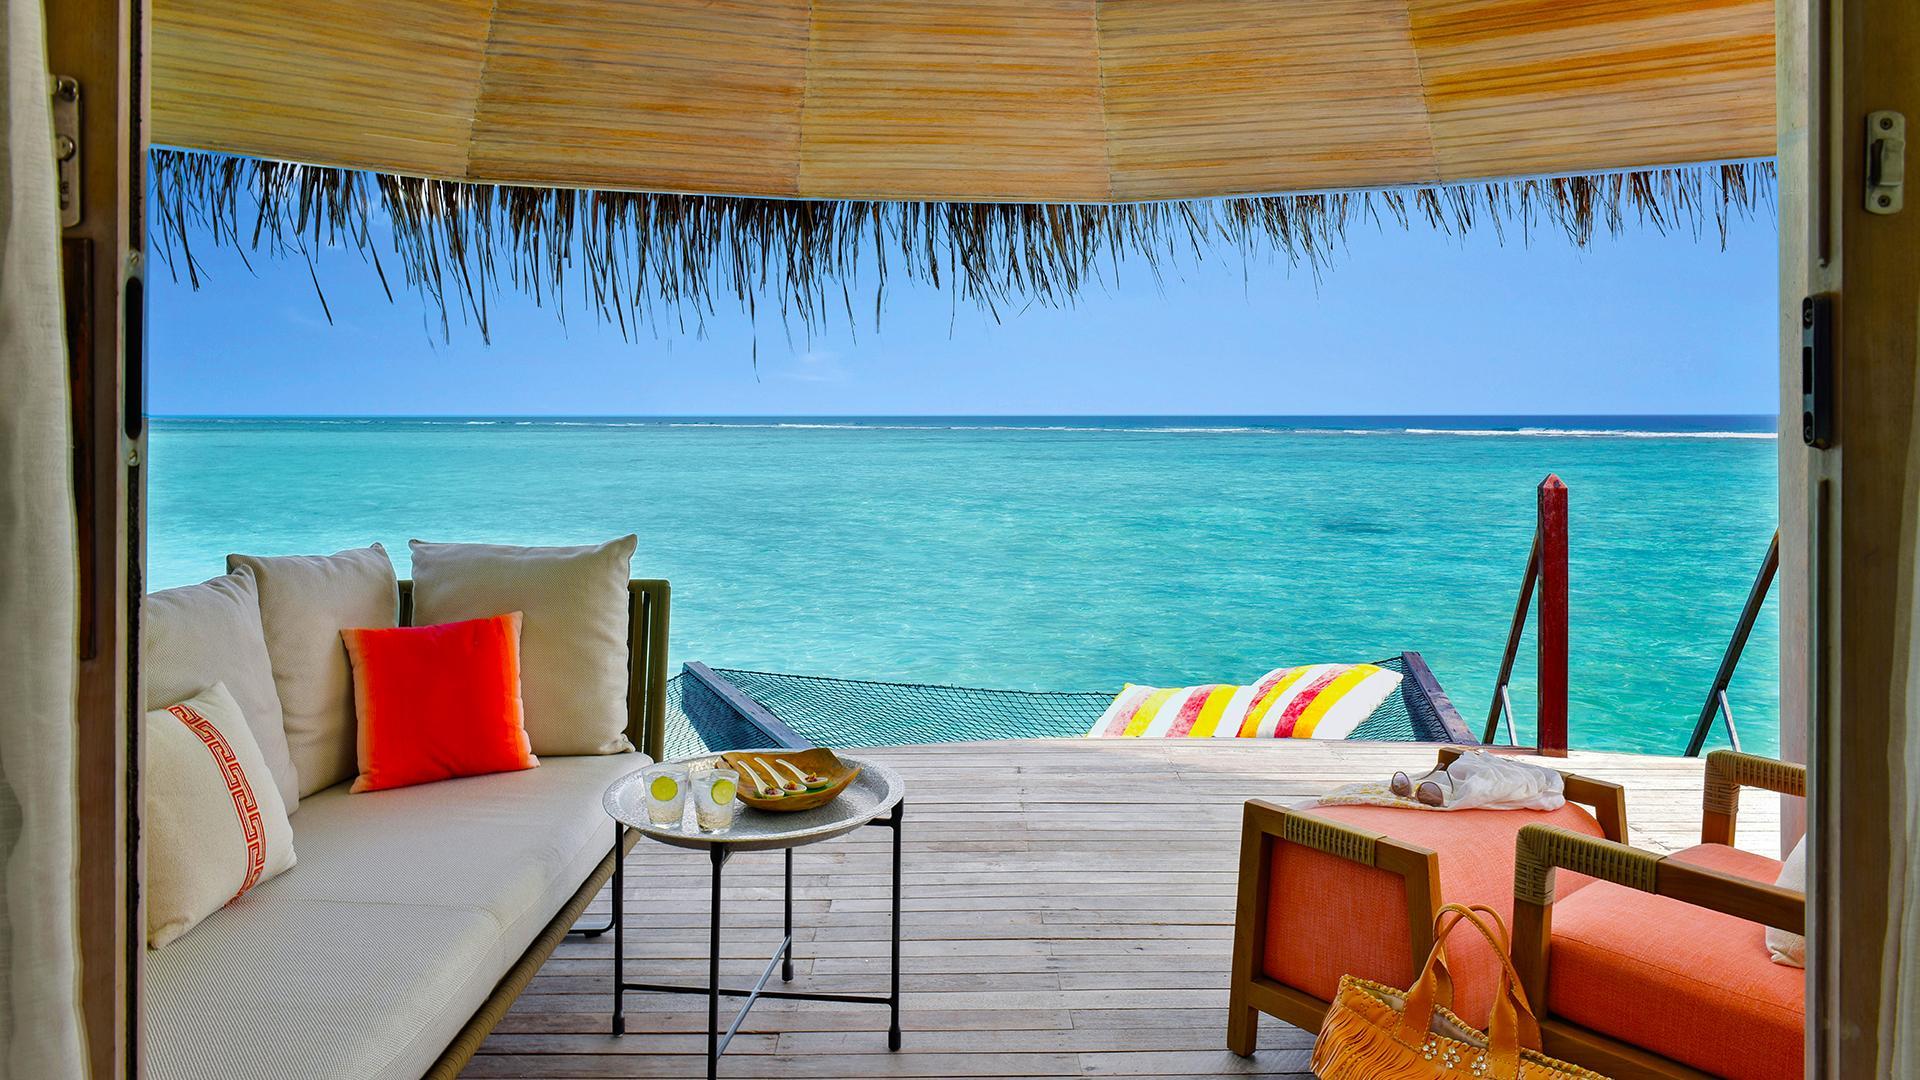 Water Villa image 1 at Kanuhura Maldives by Lhaviyani Atoll, North Province, Maldives